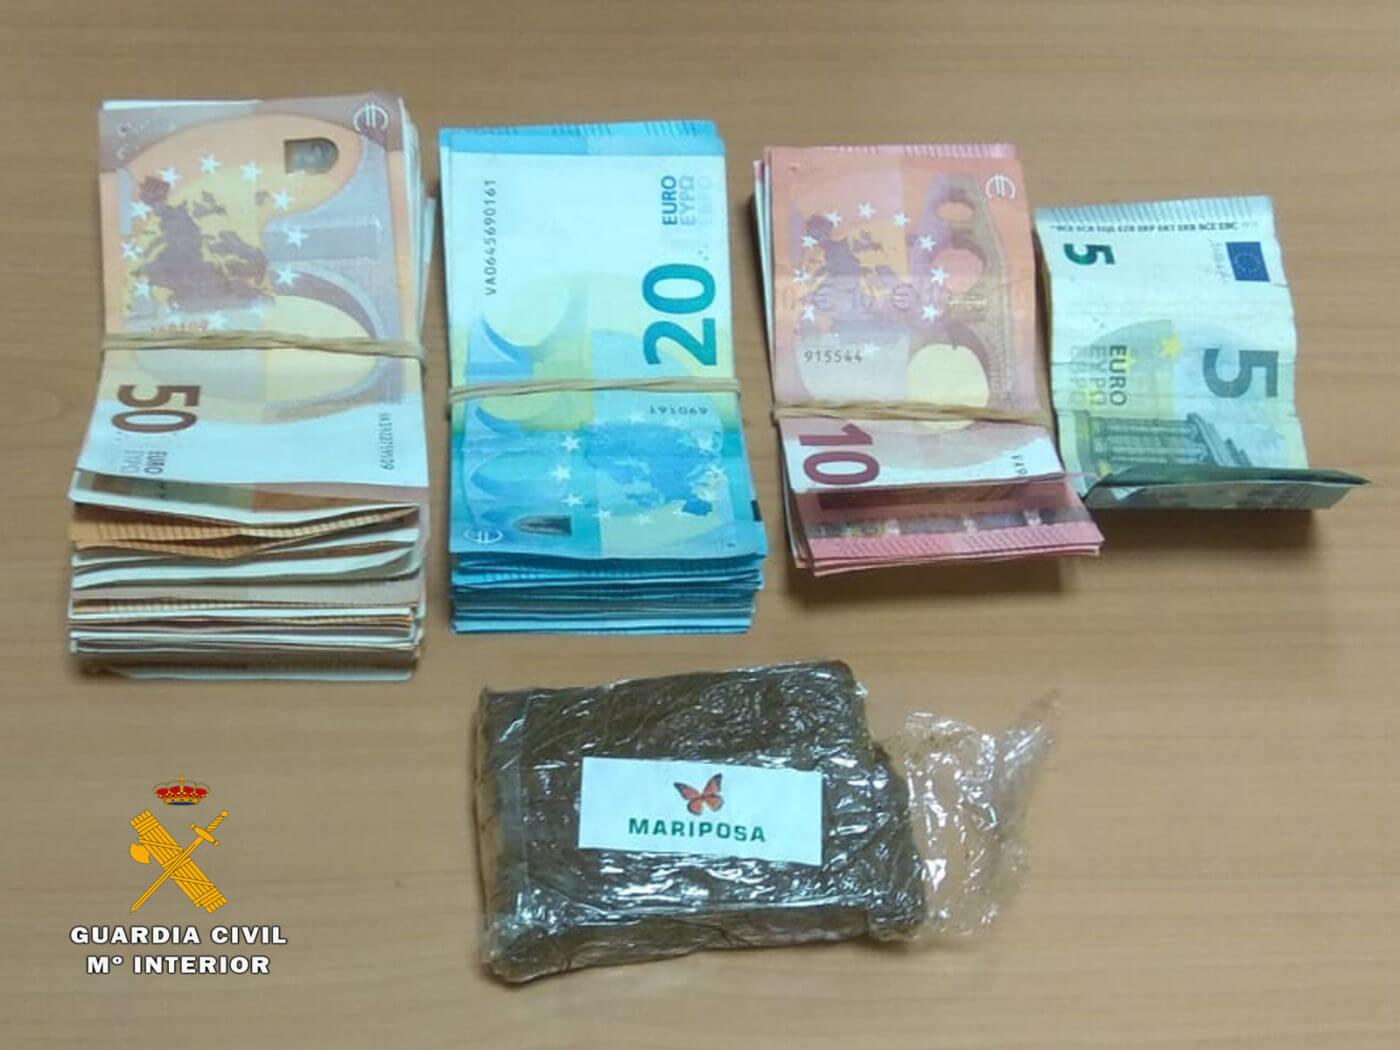 La Guardia Civil detiene a un joven de 25 años por un presunto delito de tráfico de drogas